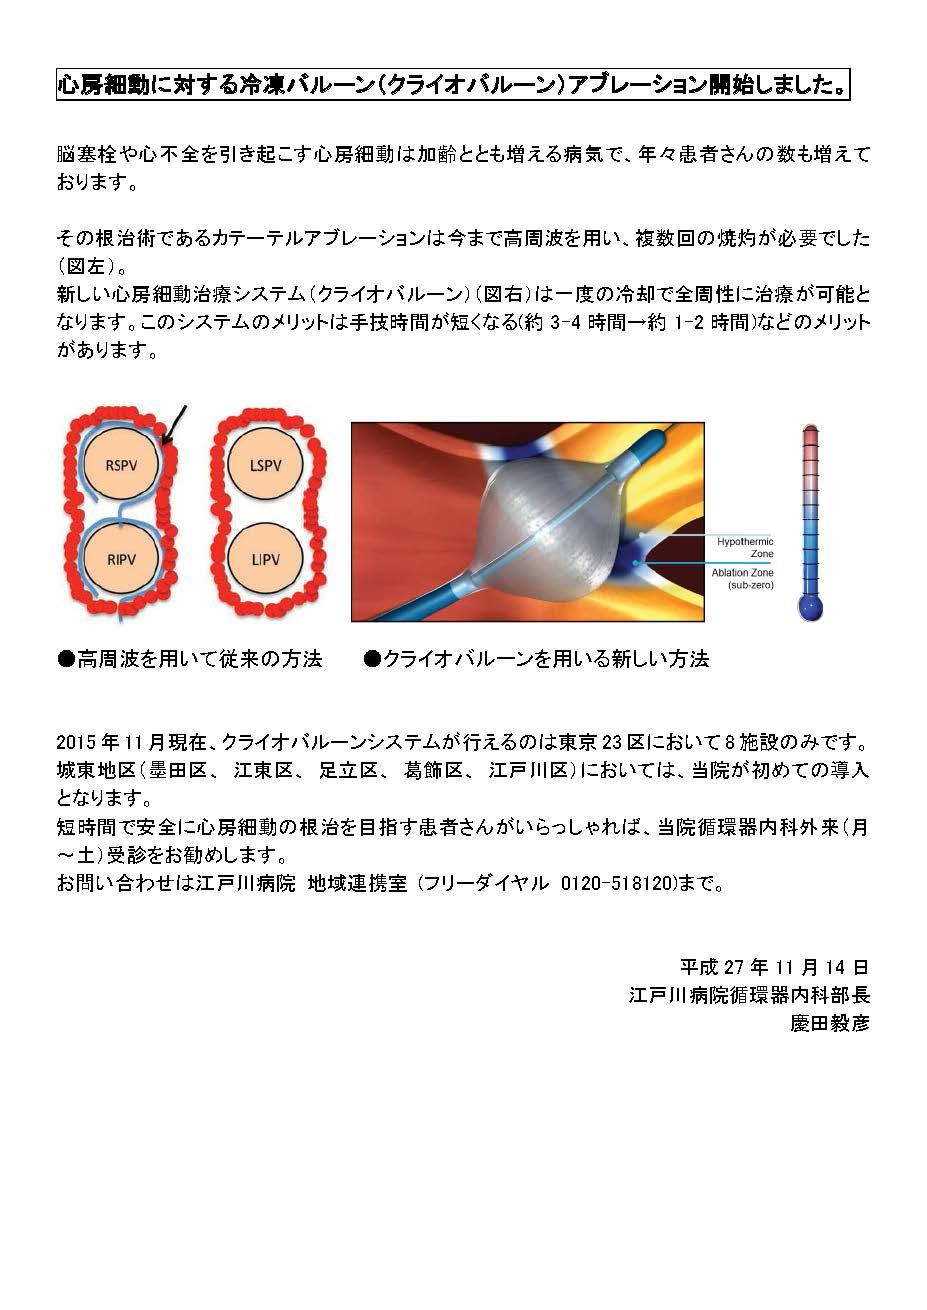 心房細動に対する冷凍バルーン(クライオバルーン)アブレーション開始